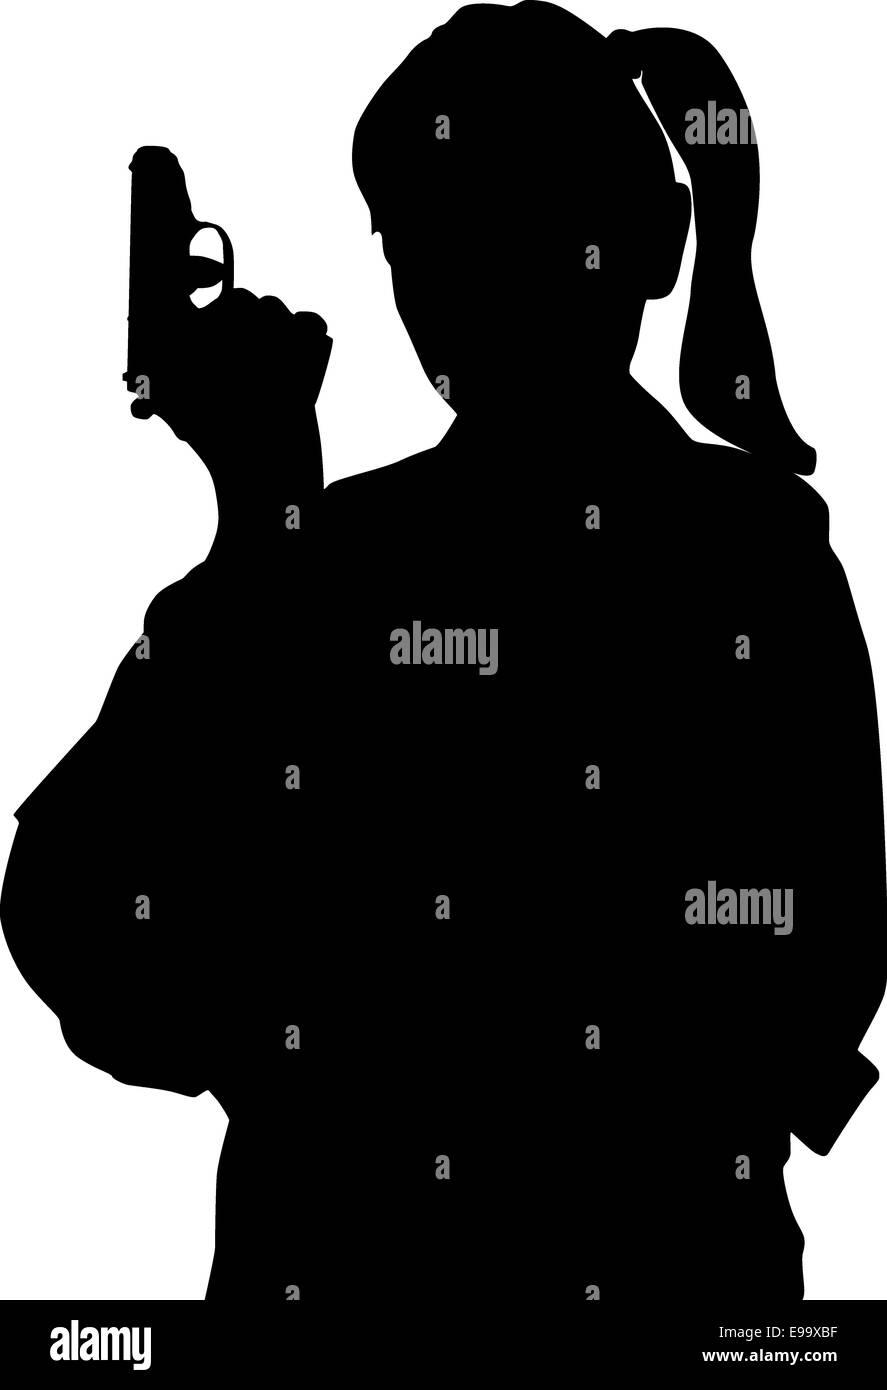 girl gun silhouette stock photos girl gun silhouette stock images